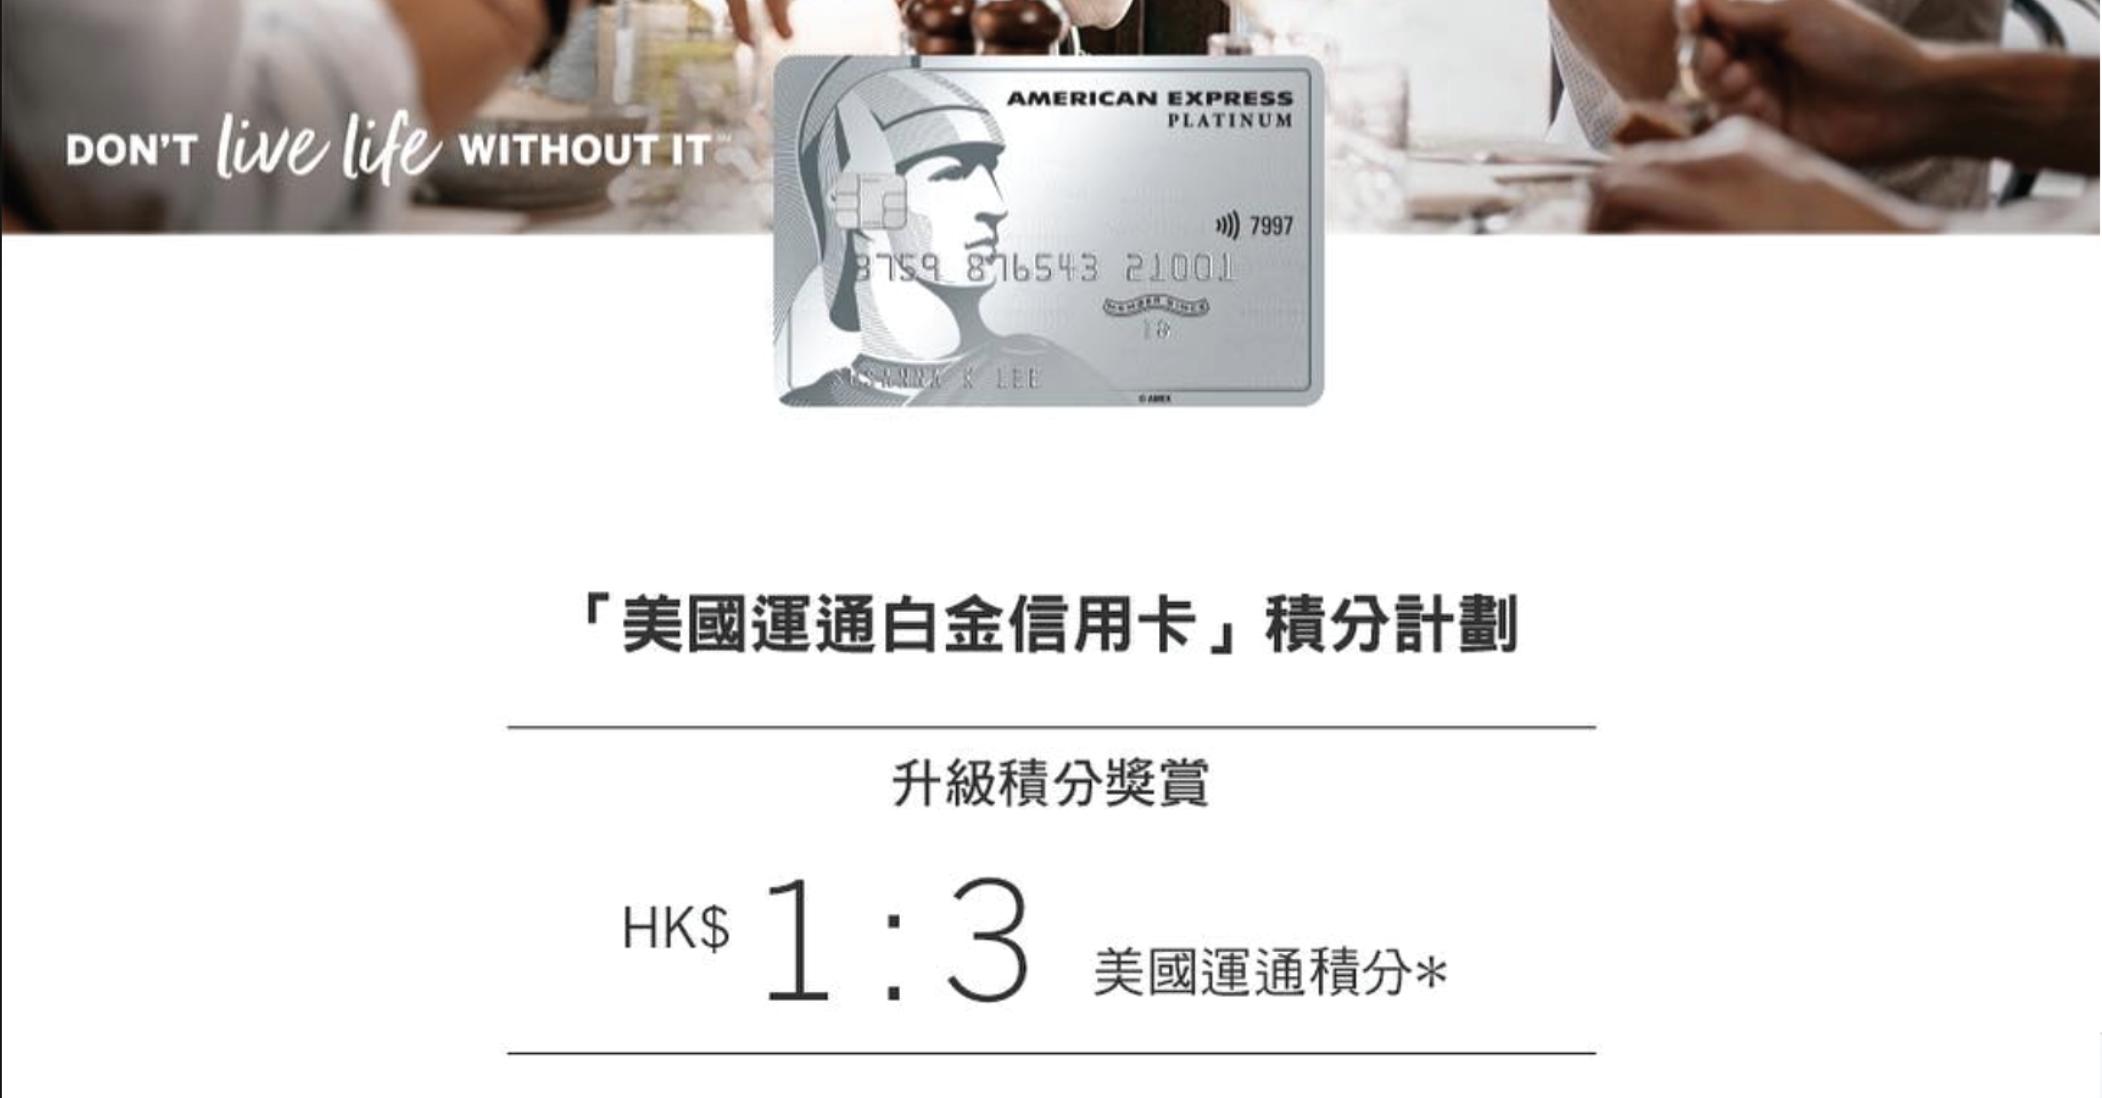 (經小斯推薦再多4,000里 或 $200 或 可享迎新簽5千有1萬里,簽夠3萬有3萬里) 美國運通白金信用卡!美心半價/睇戲買一送一!全年$5/Asia Miles或Krisflyer或Avios (AE Platinum Credit Card、AMEX大頭信用卡)